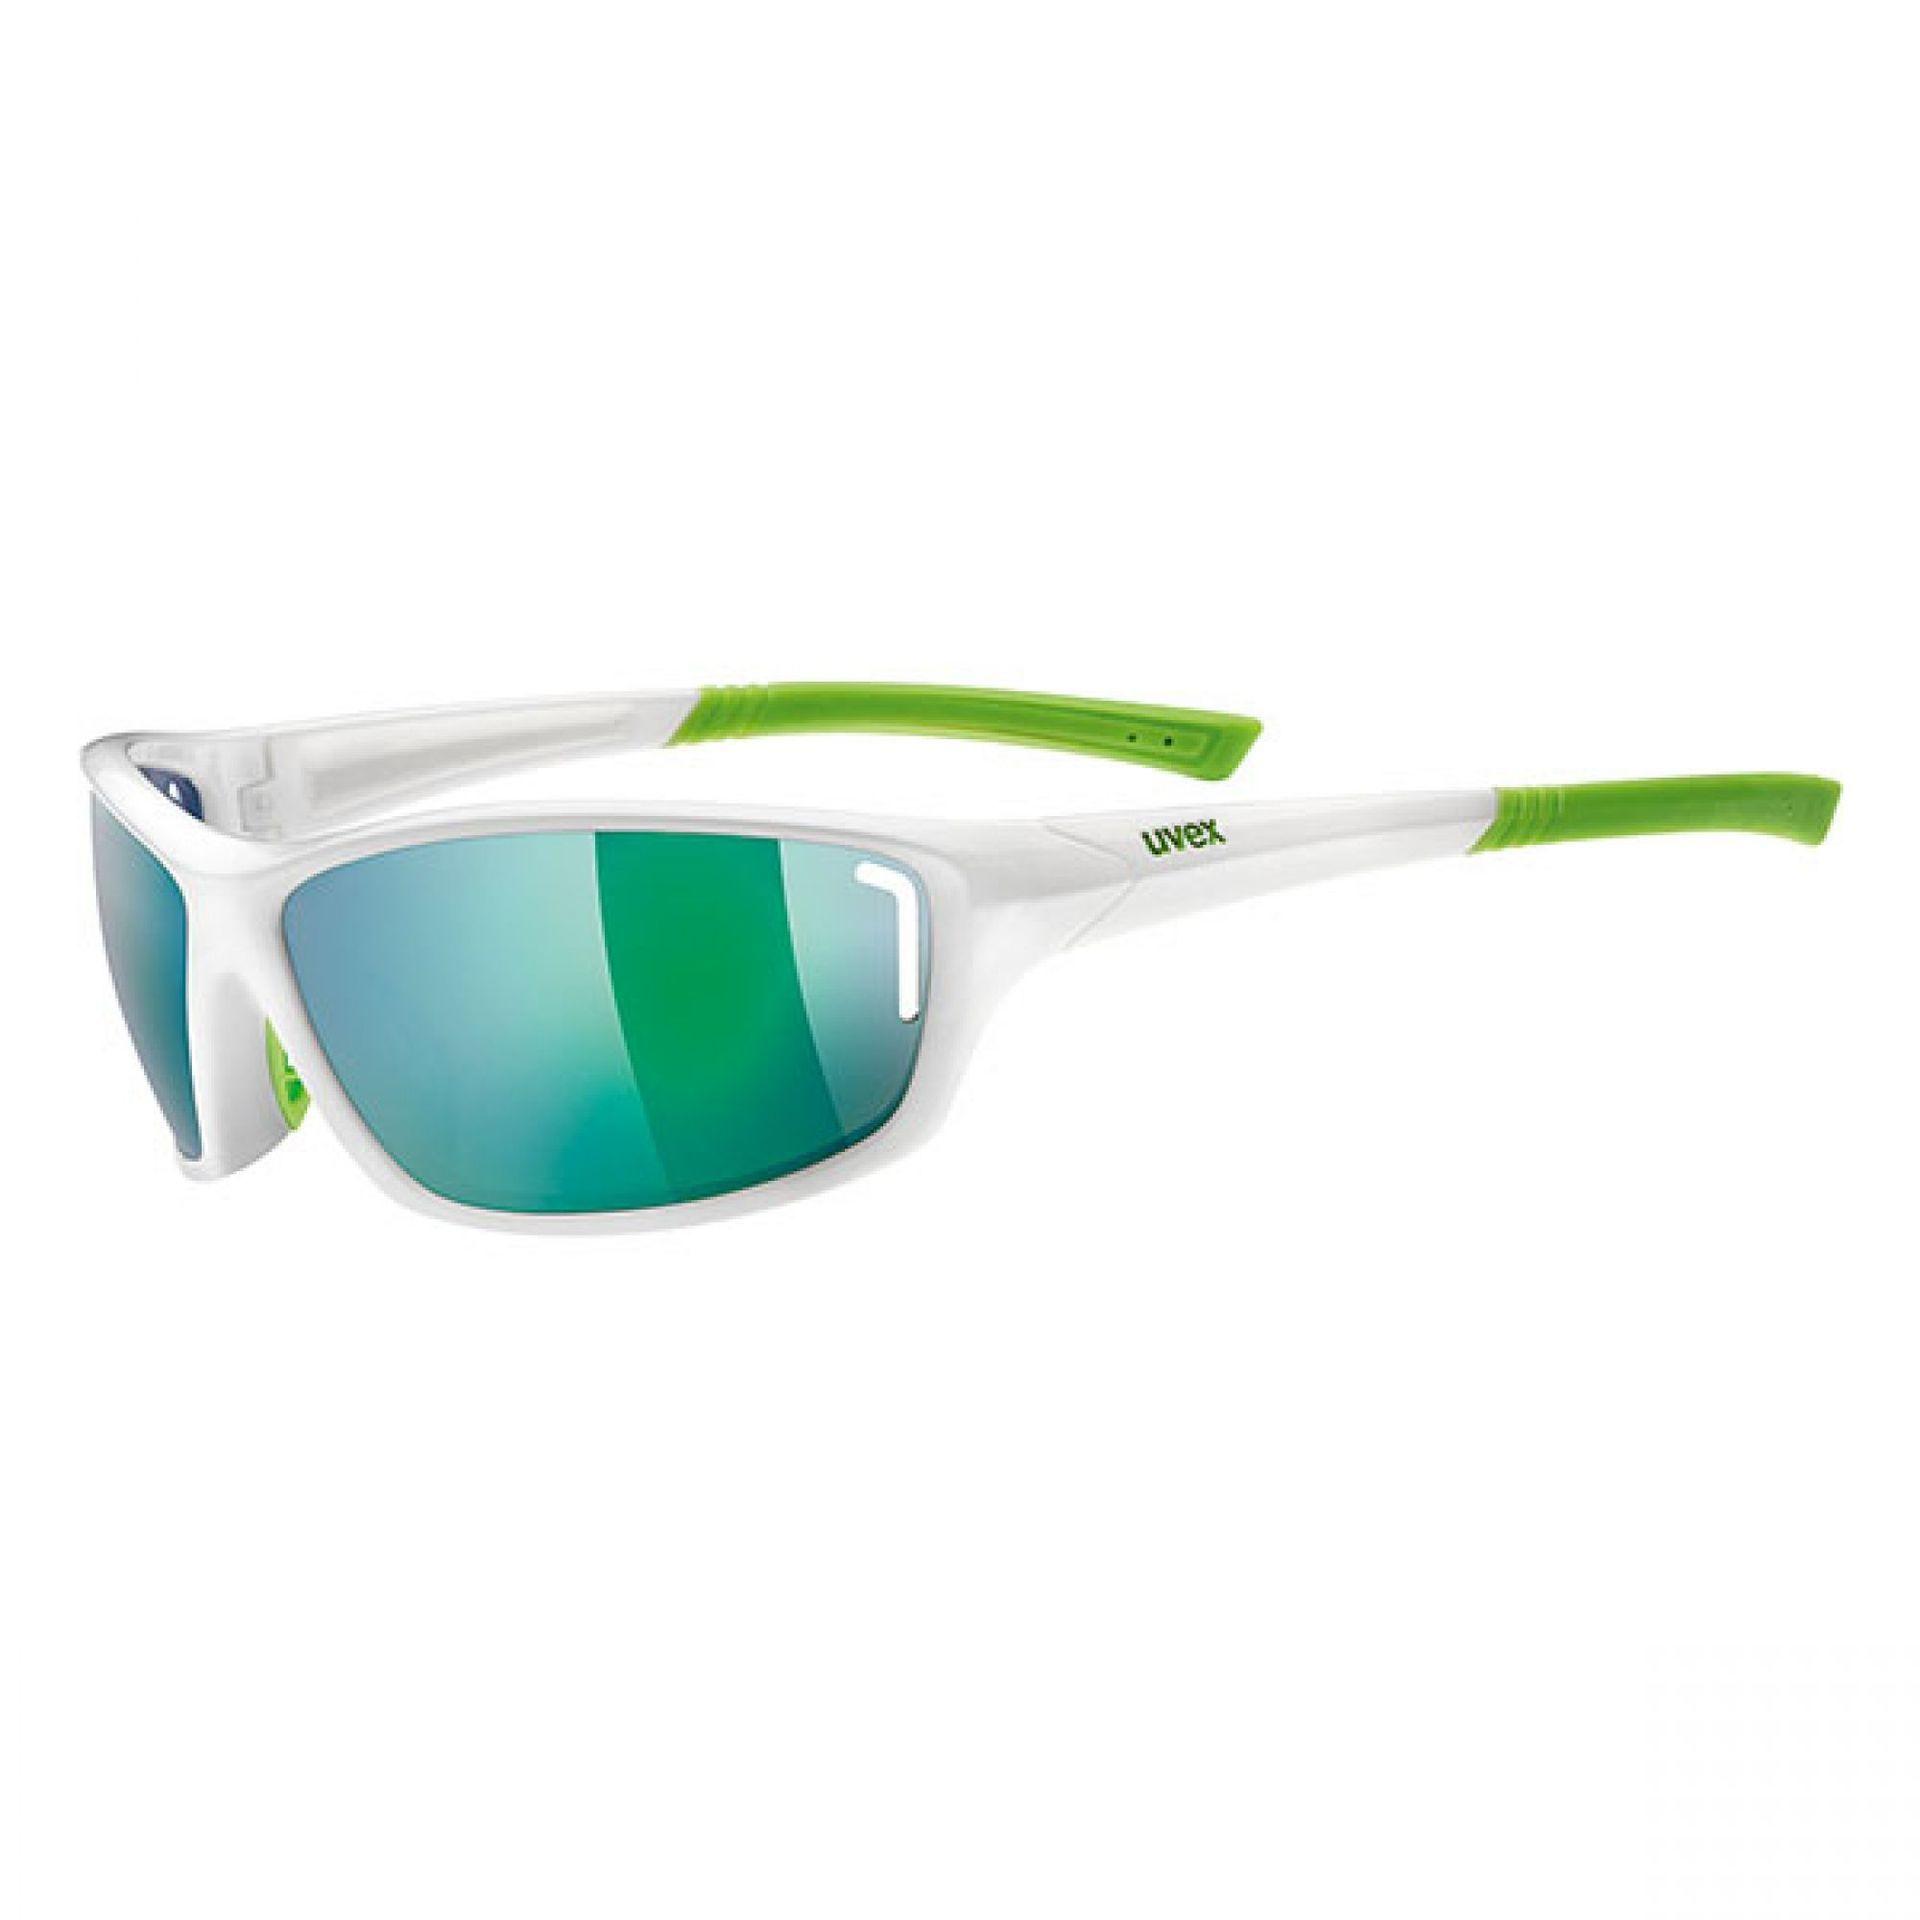 Okulary Uvex Sportstyle 210 biały|zielony